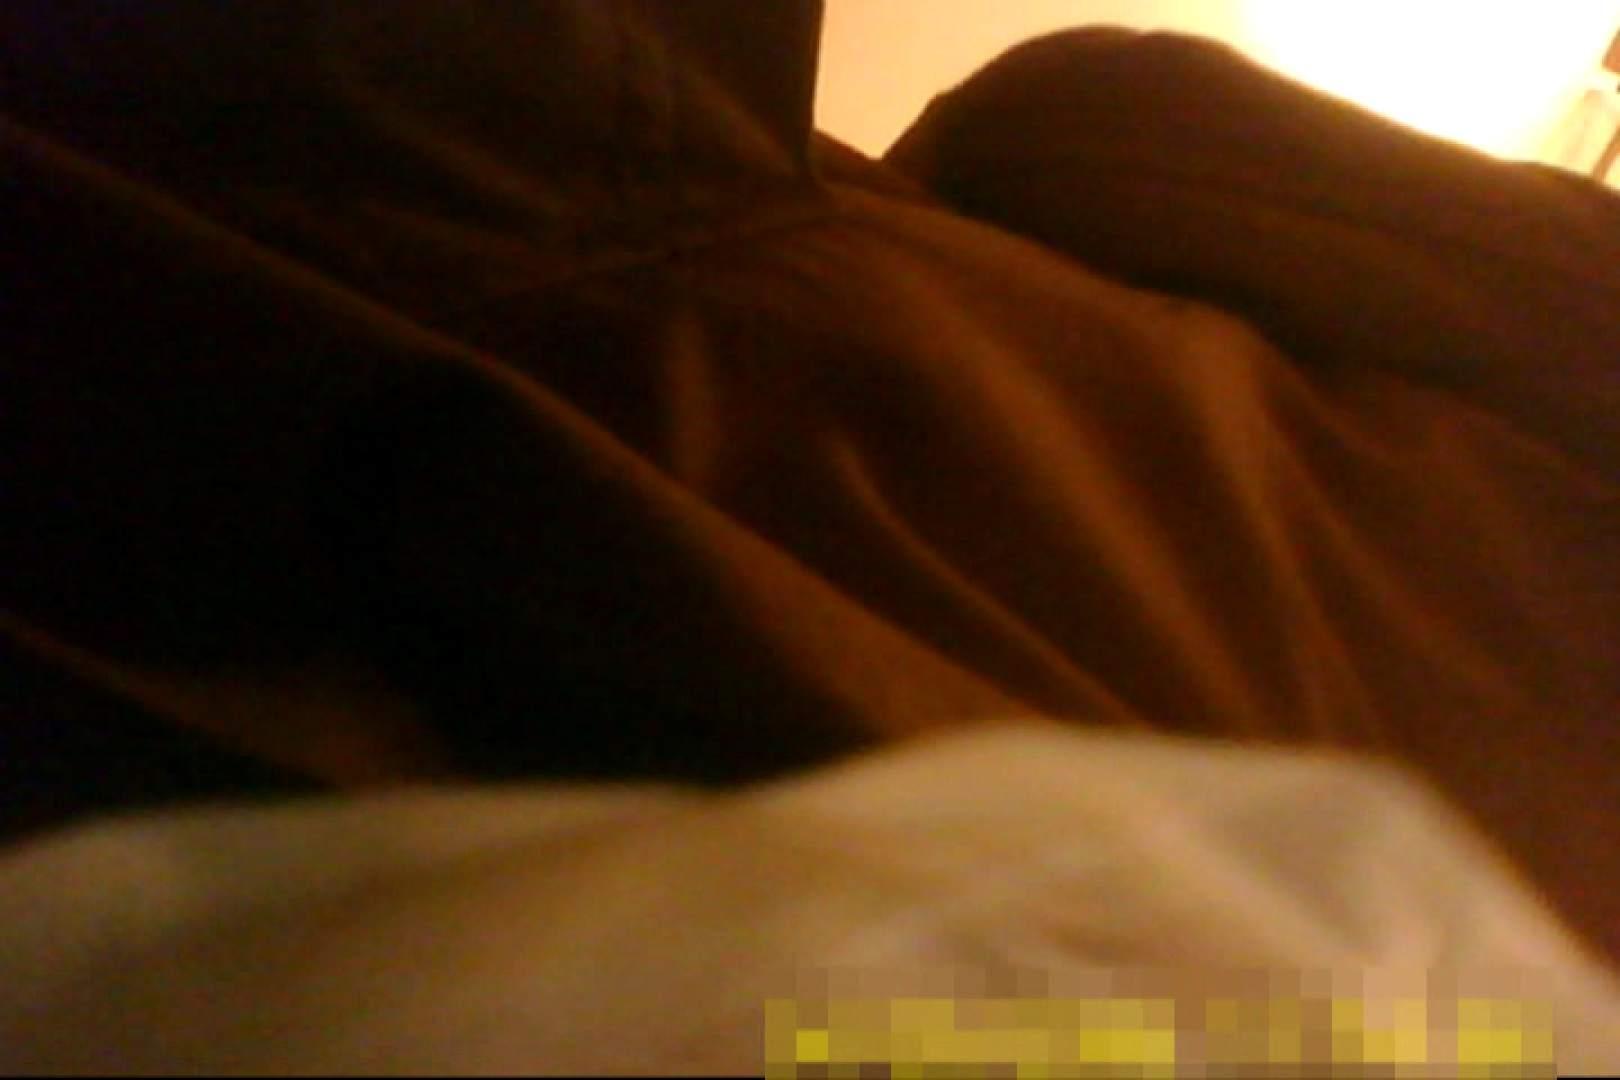 魅惑の化粧室~禁断のプライベート空間~vol.8 熟女 オマンコ動画キャプチャ 72PIX 59